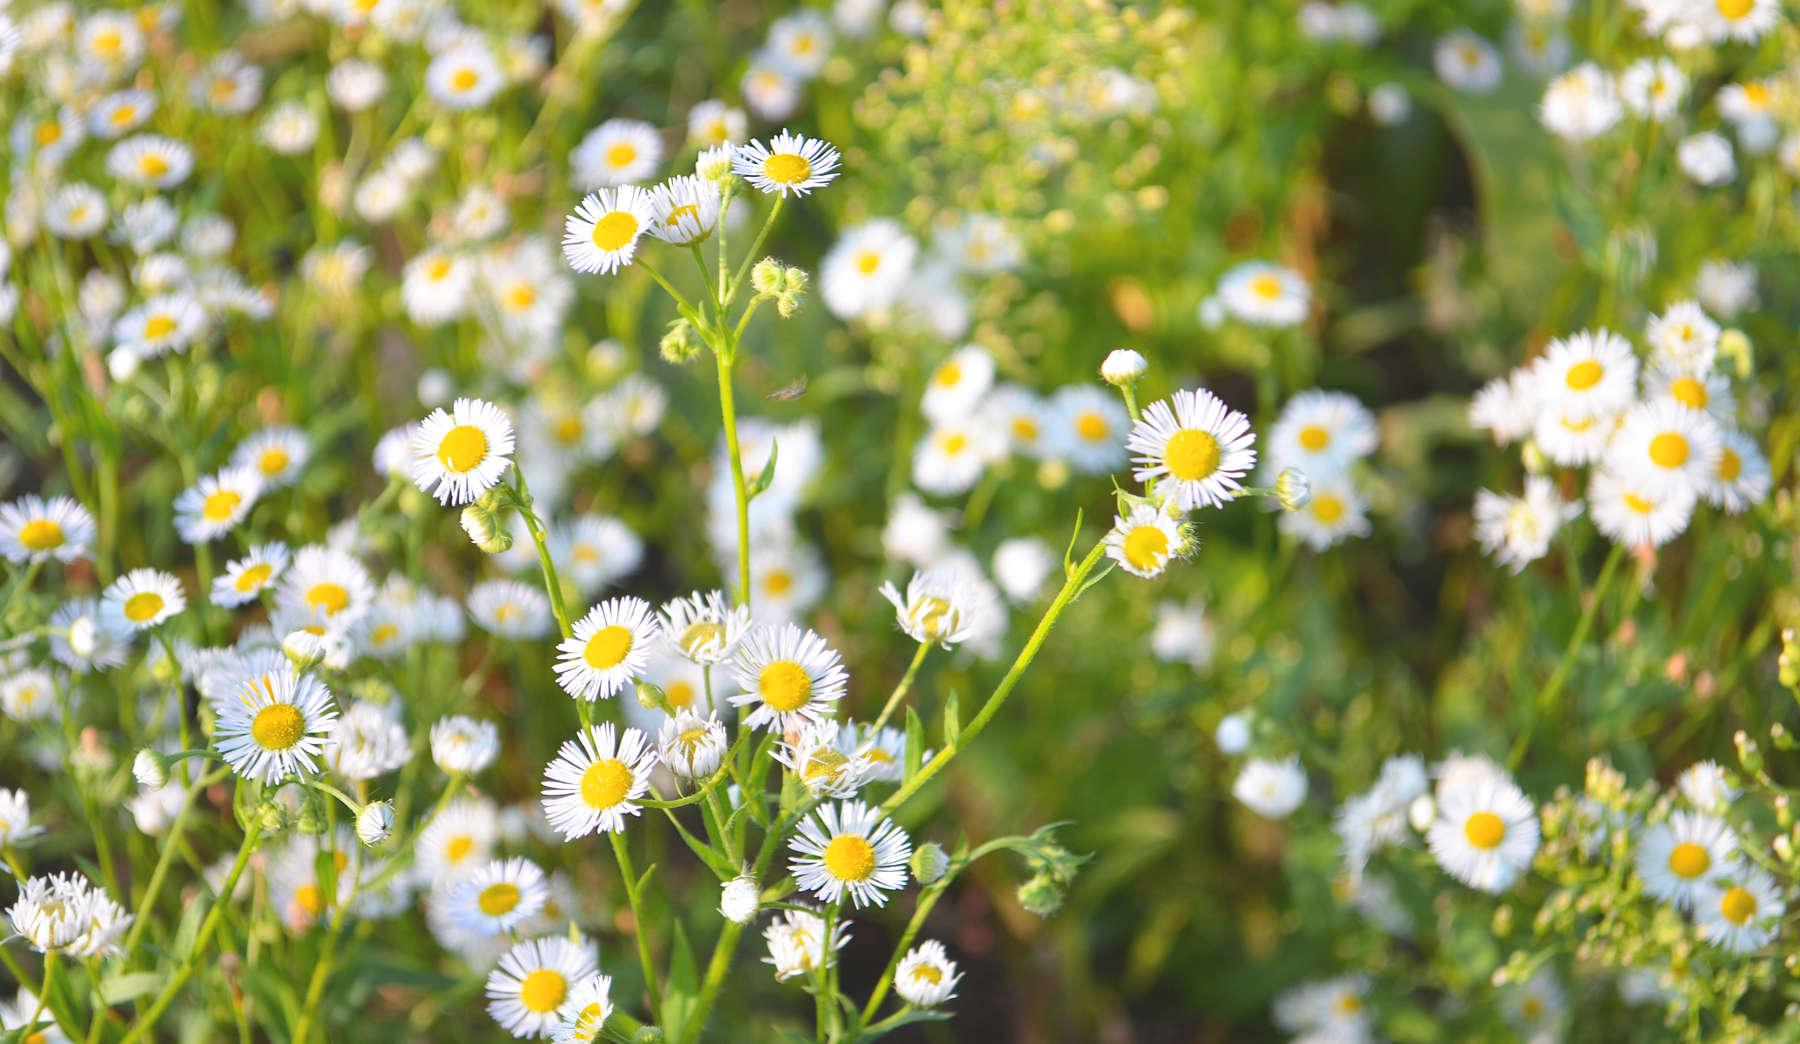 Flowering daisies. Chamomile, white Leucanthemum vulgare.